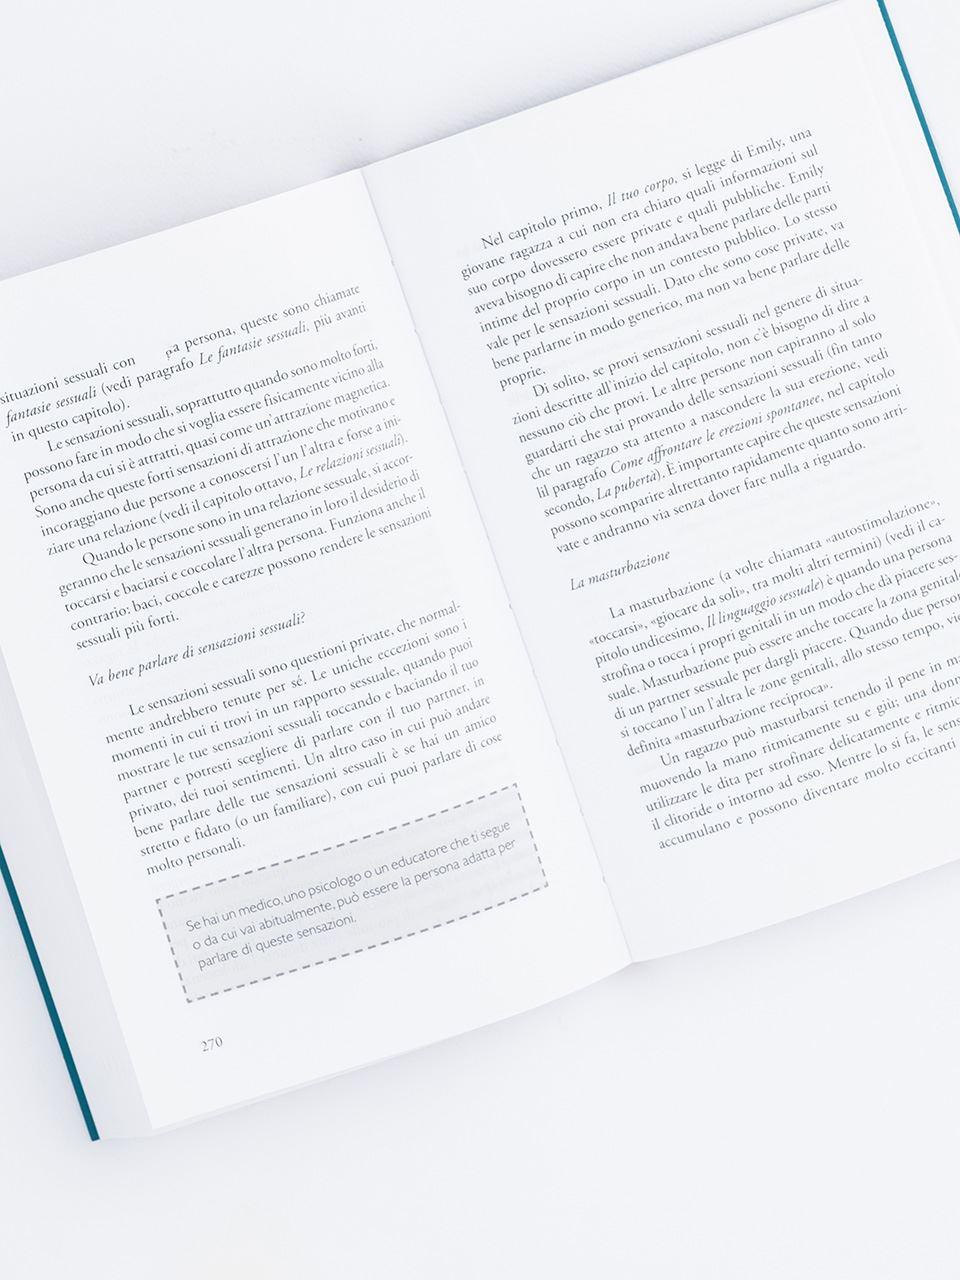 Tutto quello che vorreste sapere sul SESSO - Libri - Erickson 2